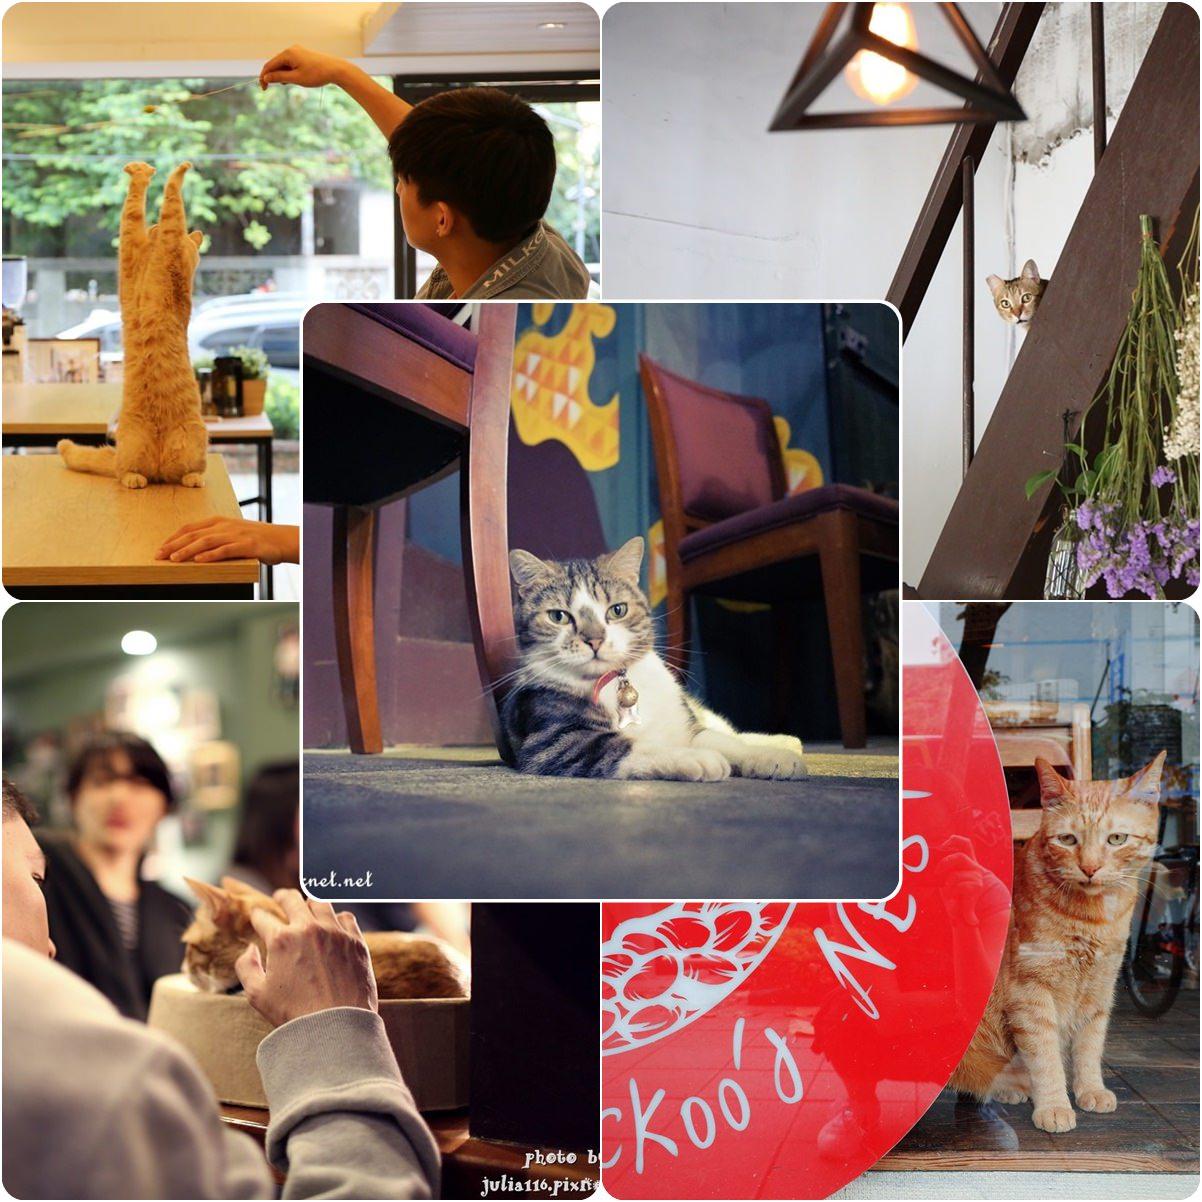 【貓咪咖啡特輯】貓奴注意!大台北地區貓咪咖啡Cat Cafe精選♥